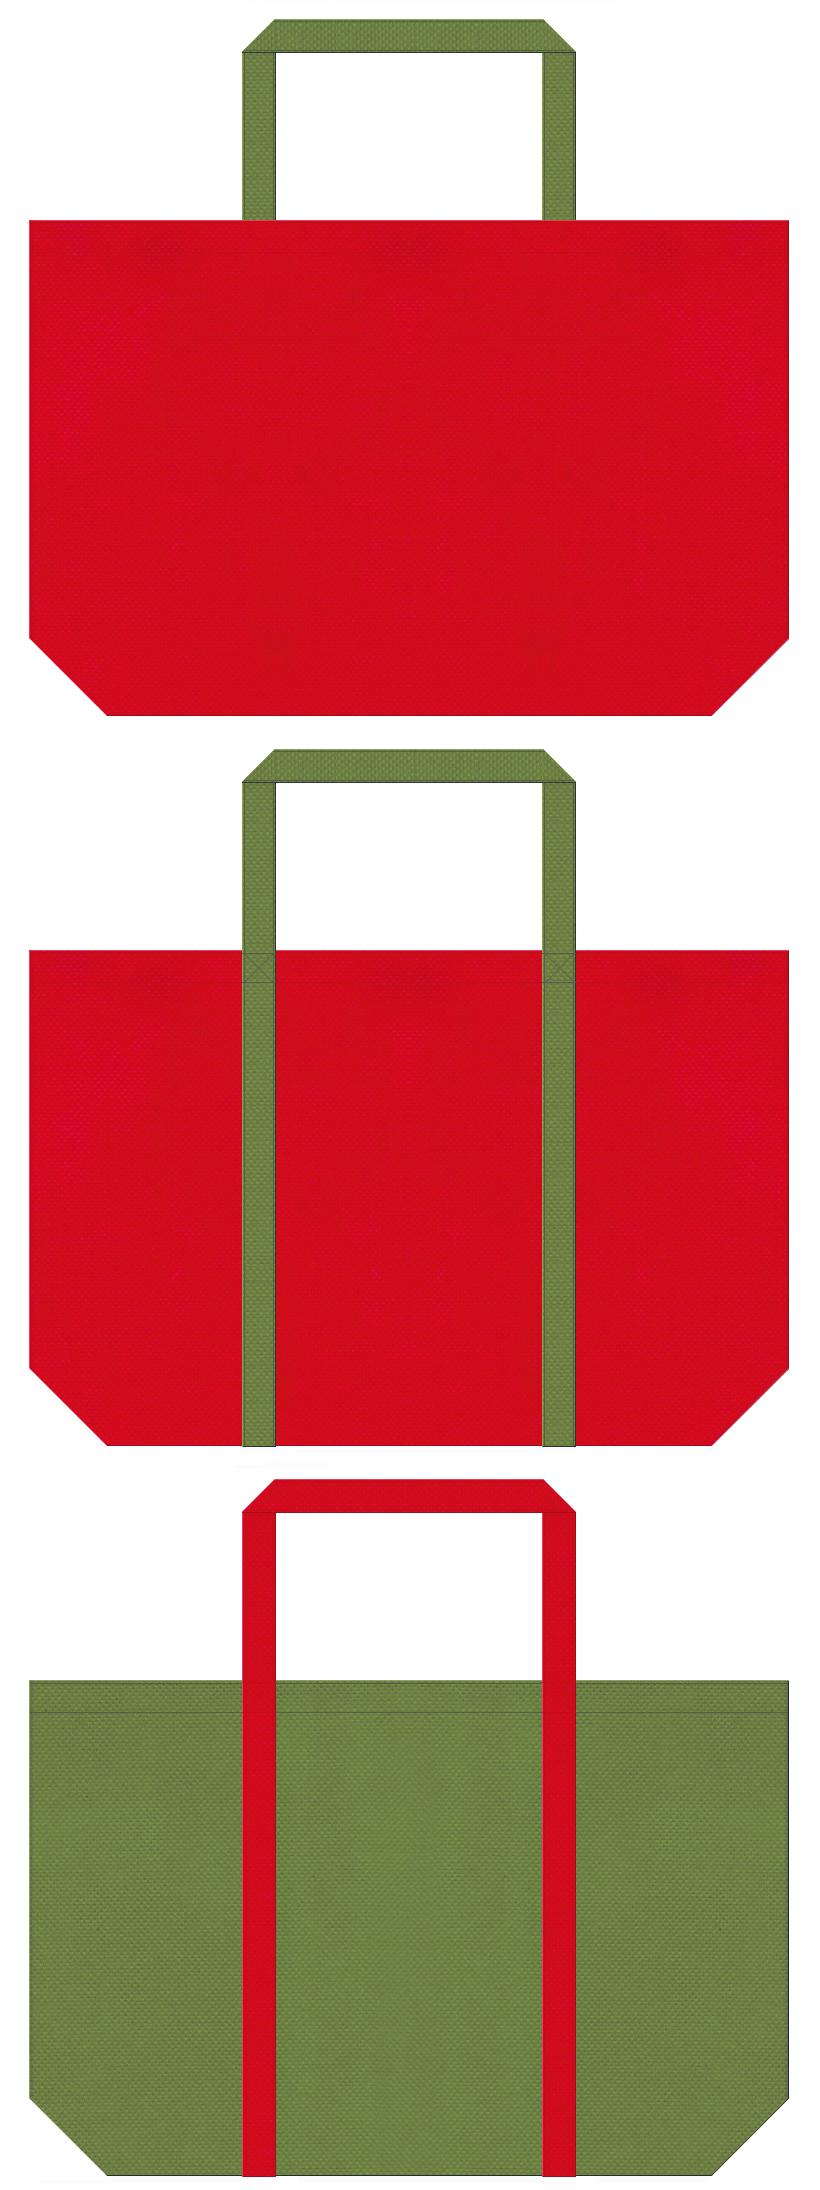 不織布ショッピングバッグのデザイン:紅色と草色のコーデ。茶会・野点傘のイメージで和雑貨のショッピングバッグにお奨めの配色です。